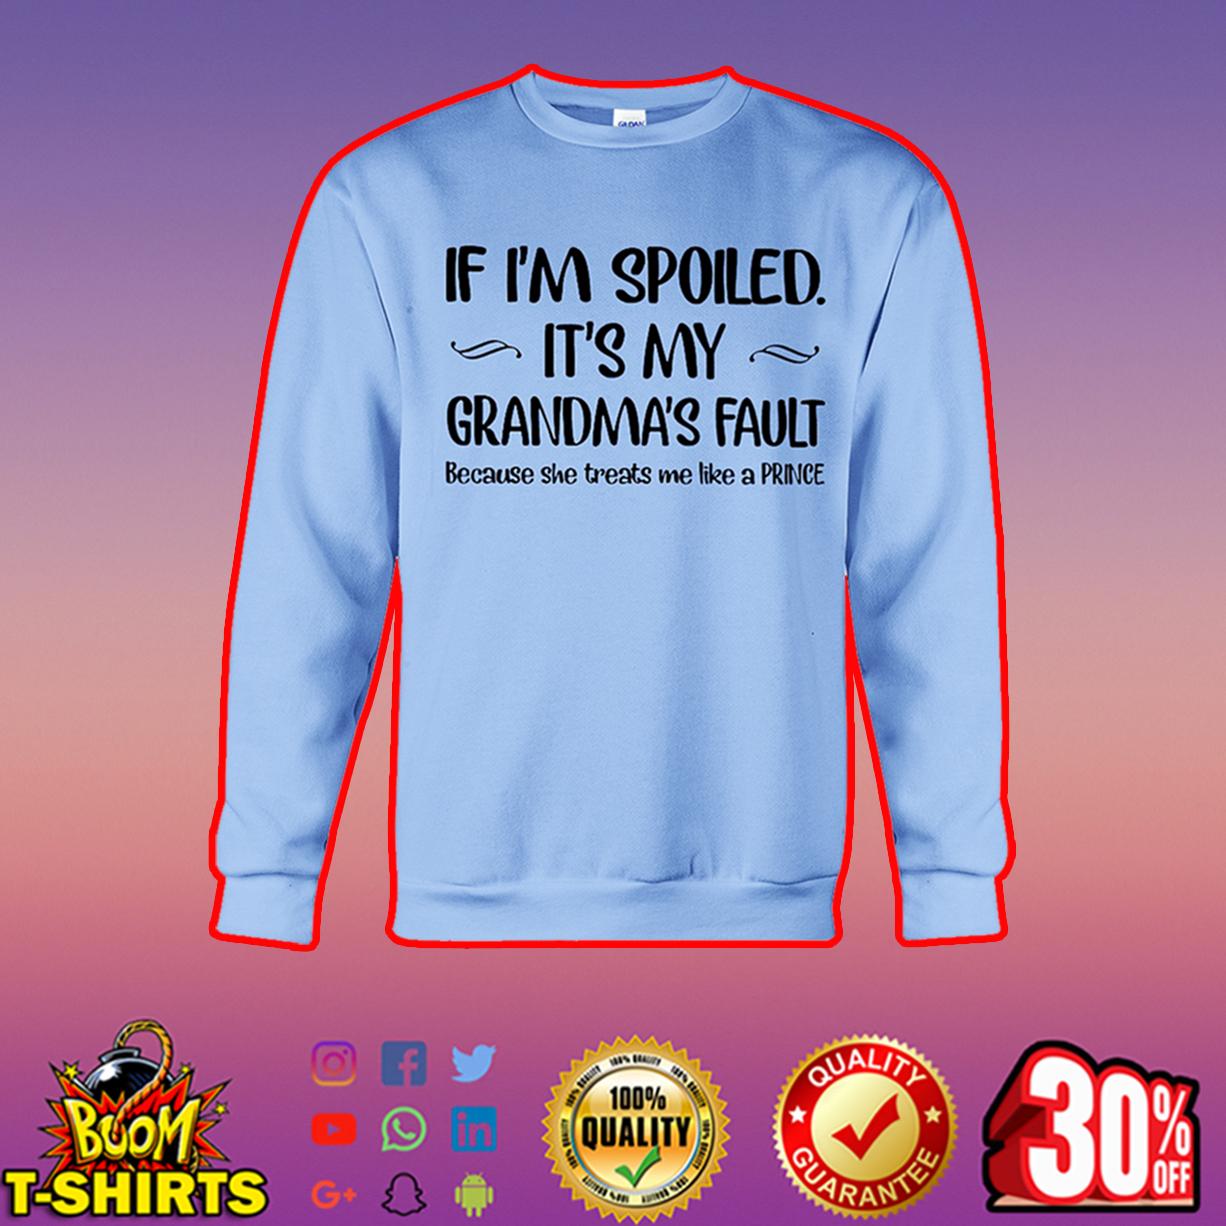 If I'm spoiled it's my grandma's fault because she treats me like a prince sweatshirt